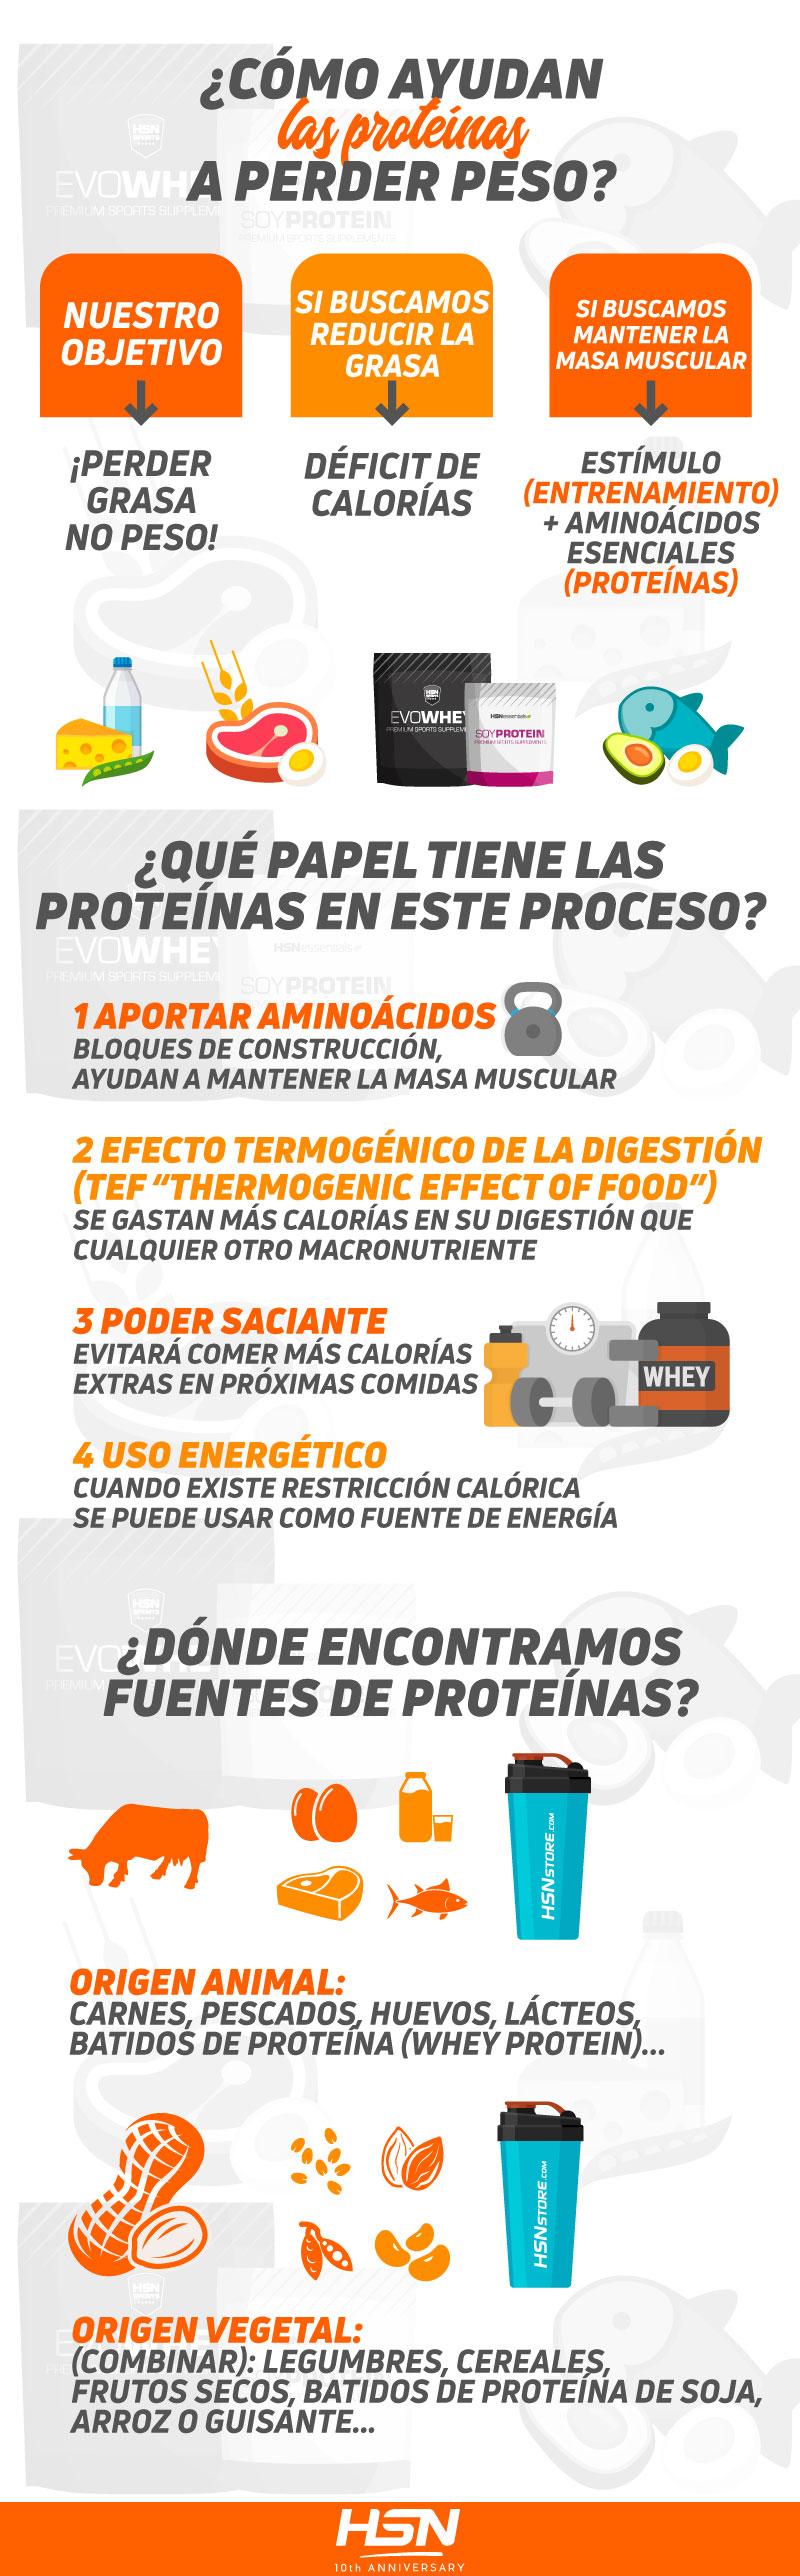 ¿Ayudan las proteínas a perder peso?